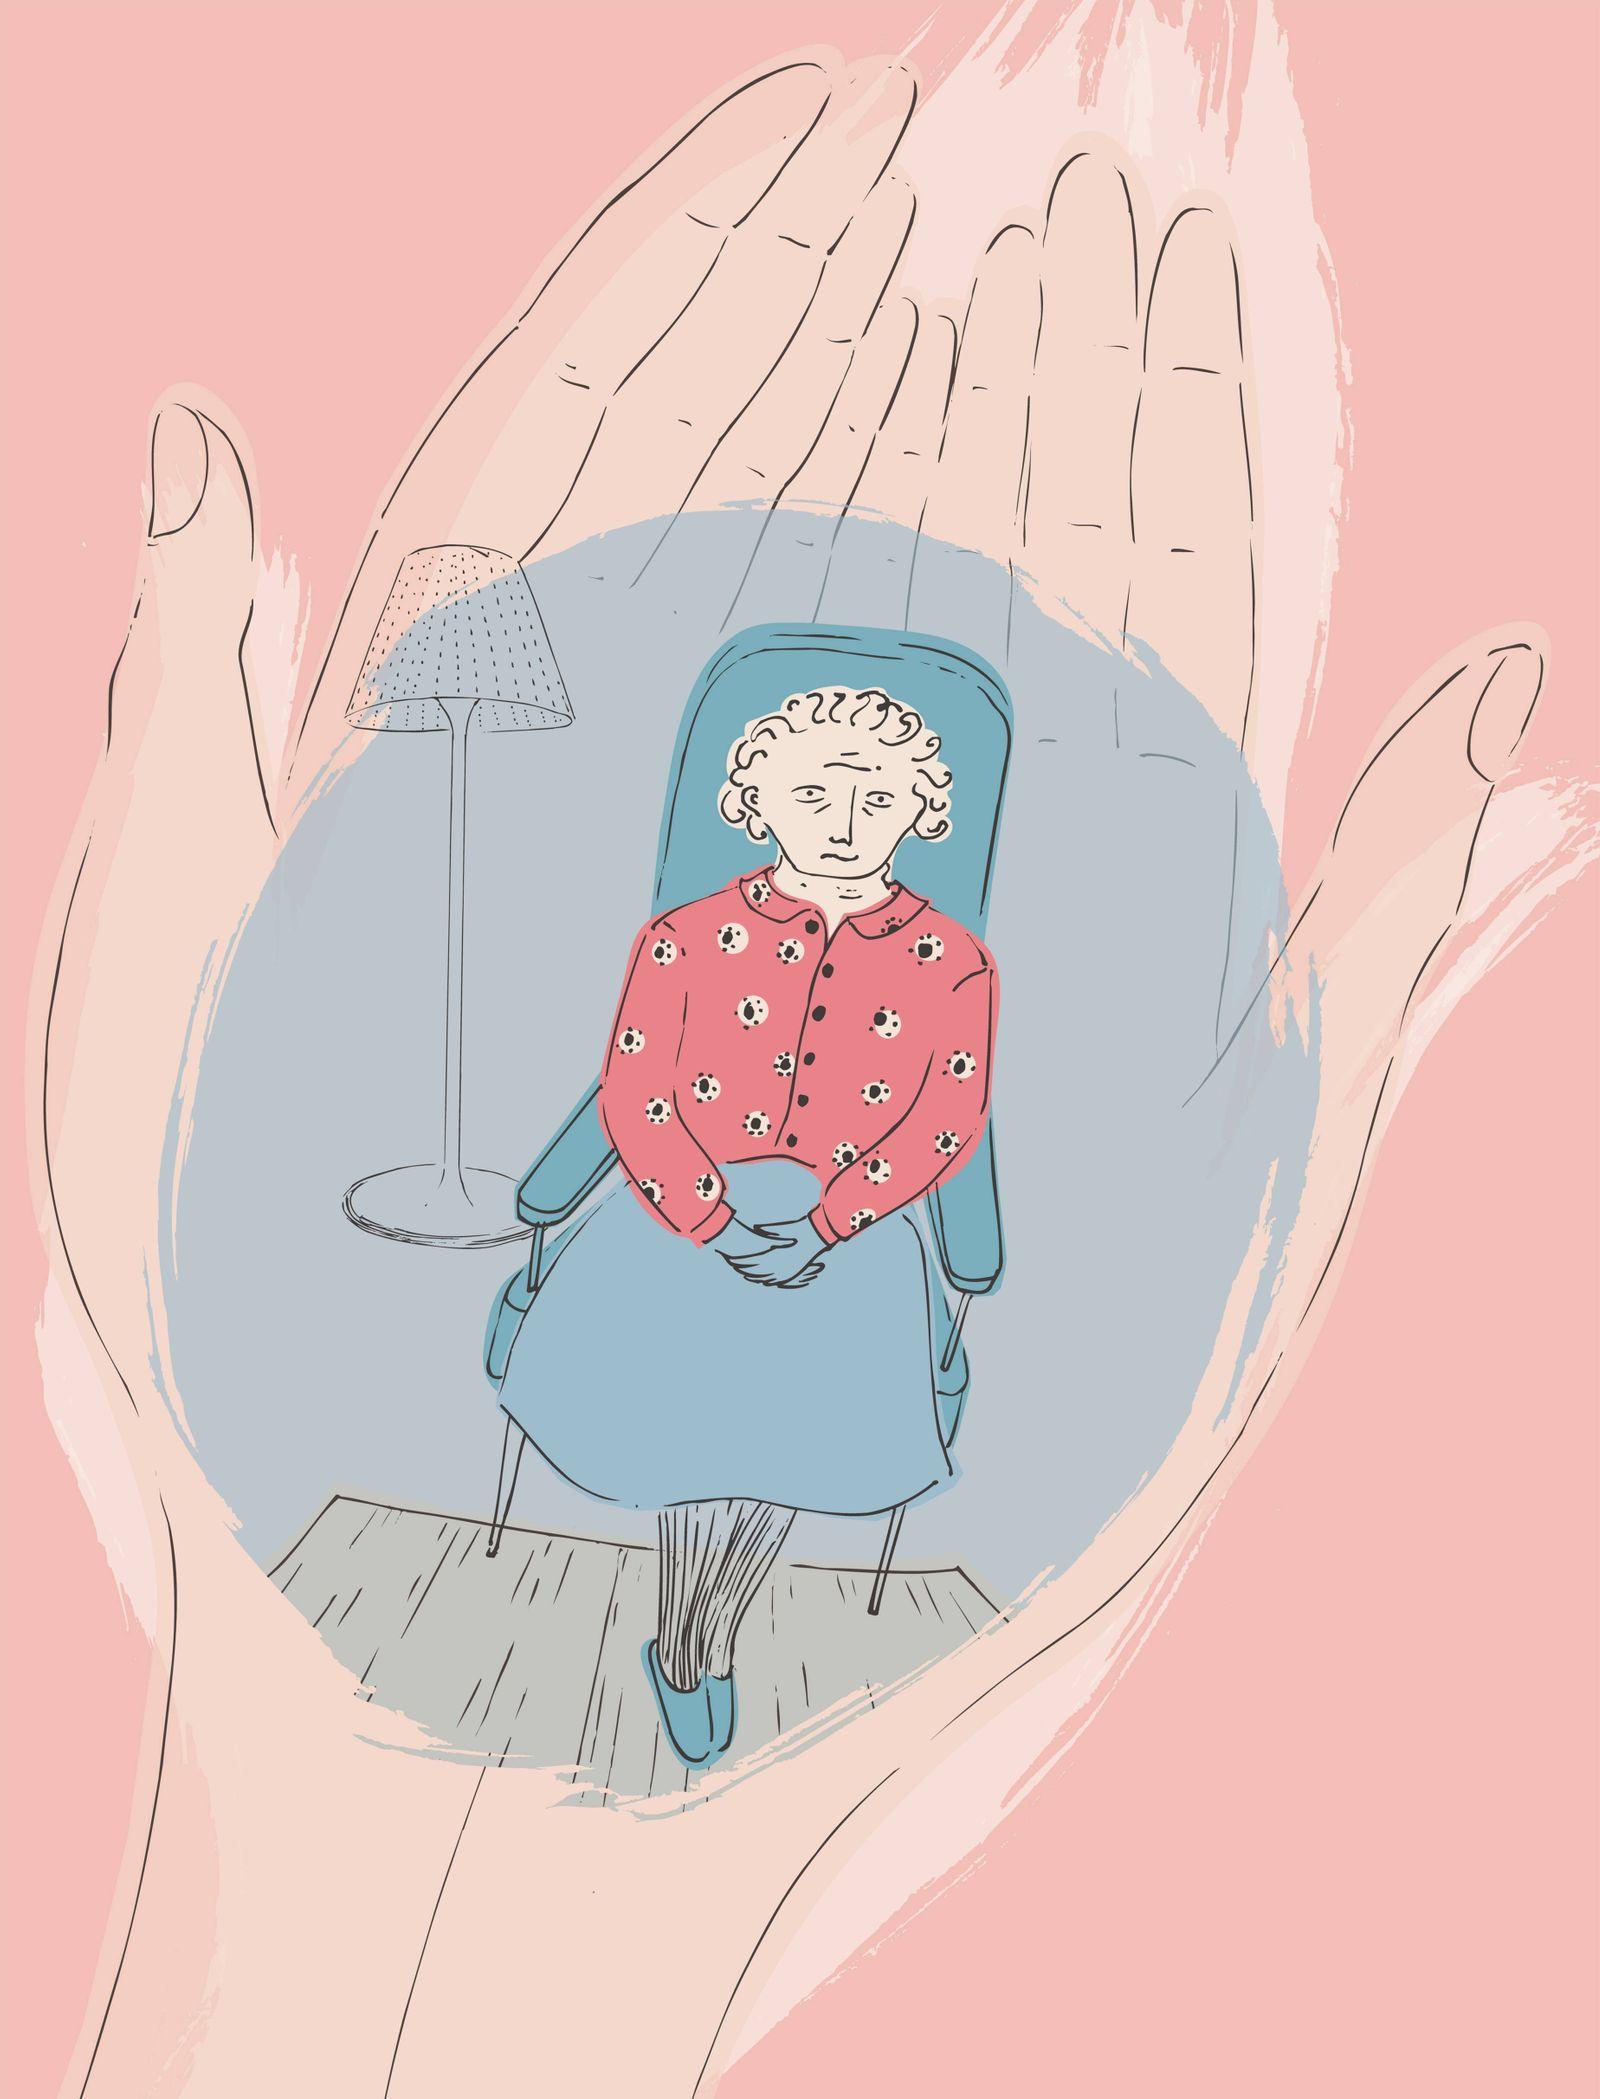 Schützende Hände halten ältere Frau PUBLICATIONxINxGERxSUIxAUTxONLY Copyright: xTrinaxDalzielx 12000068